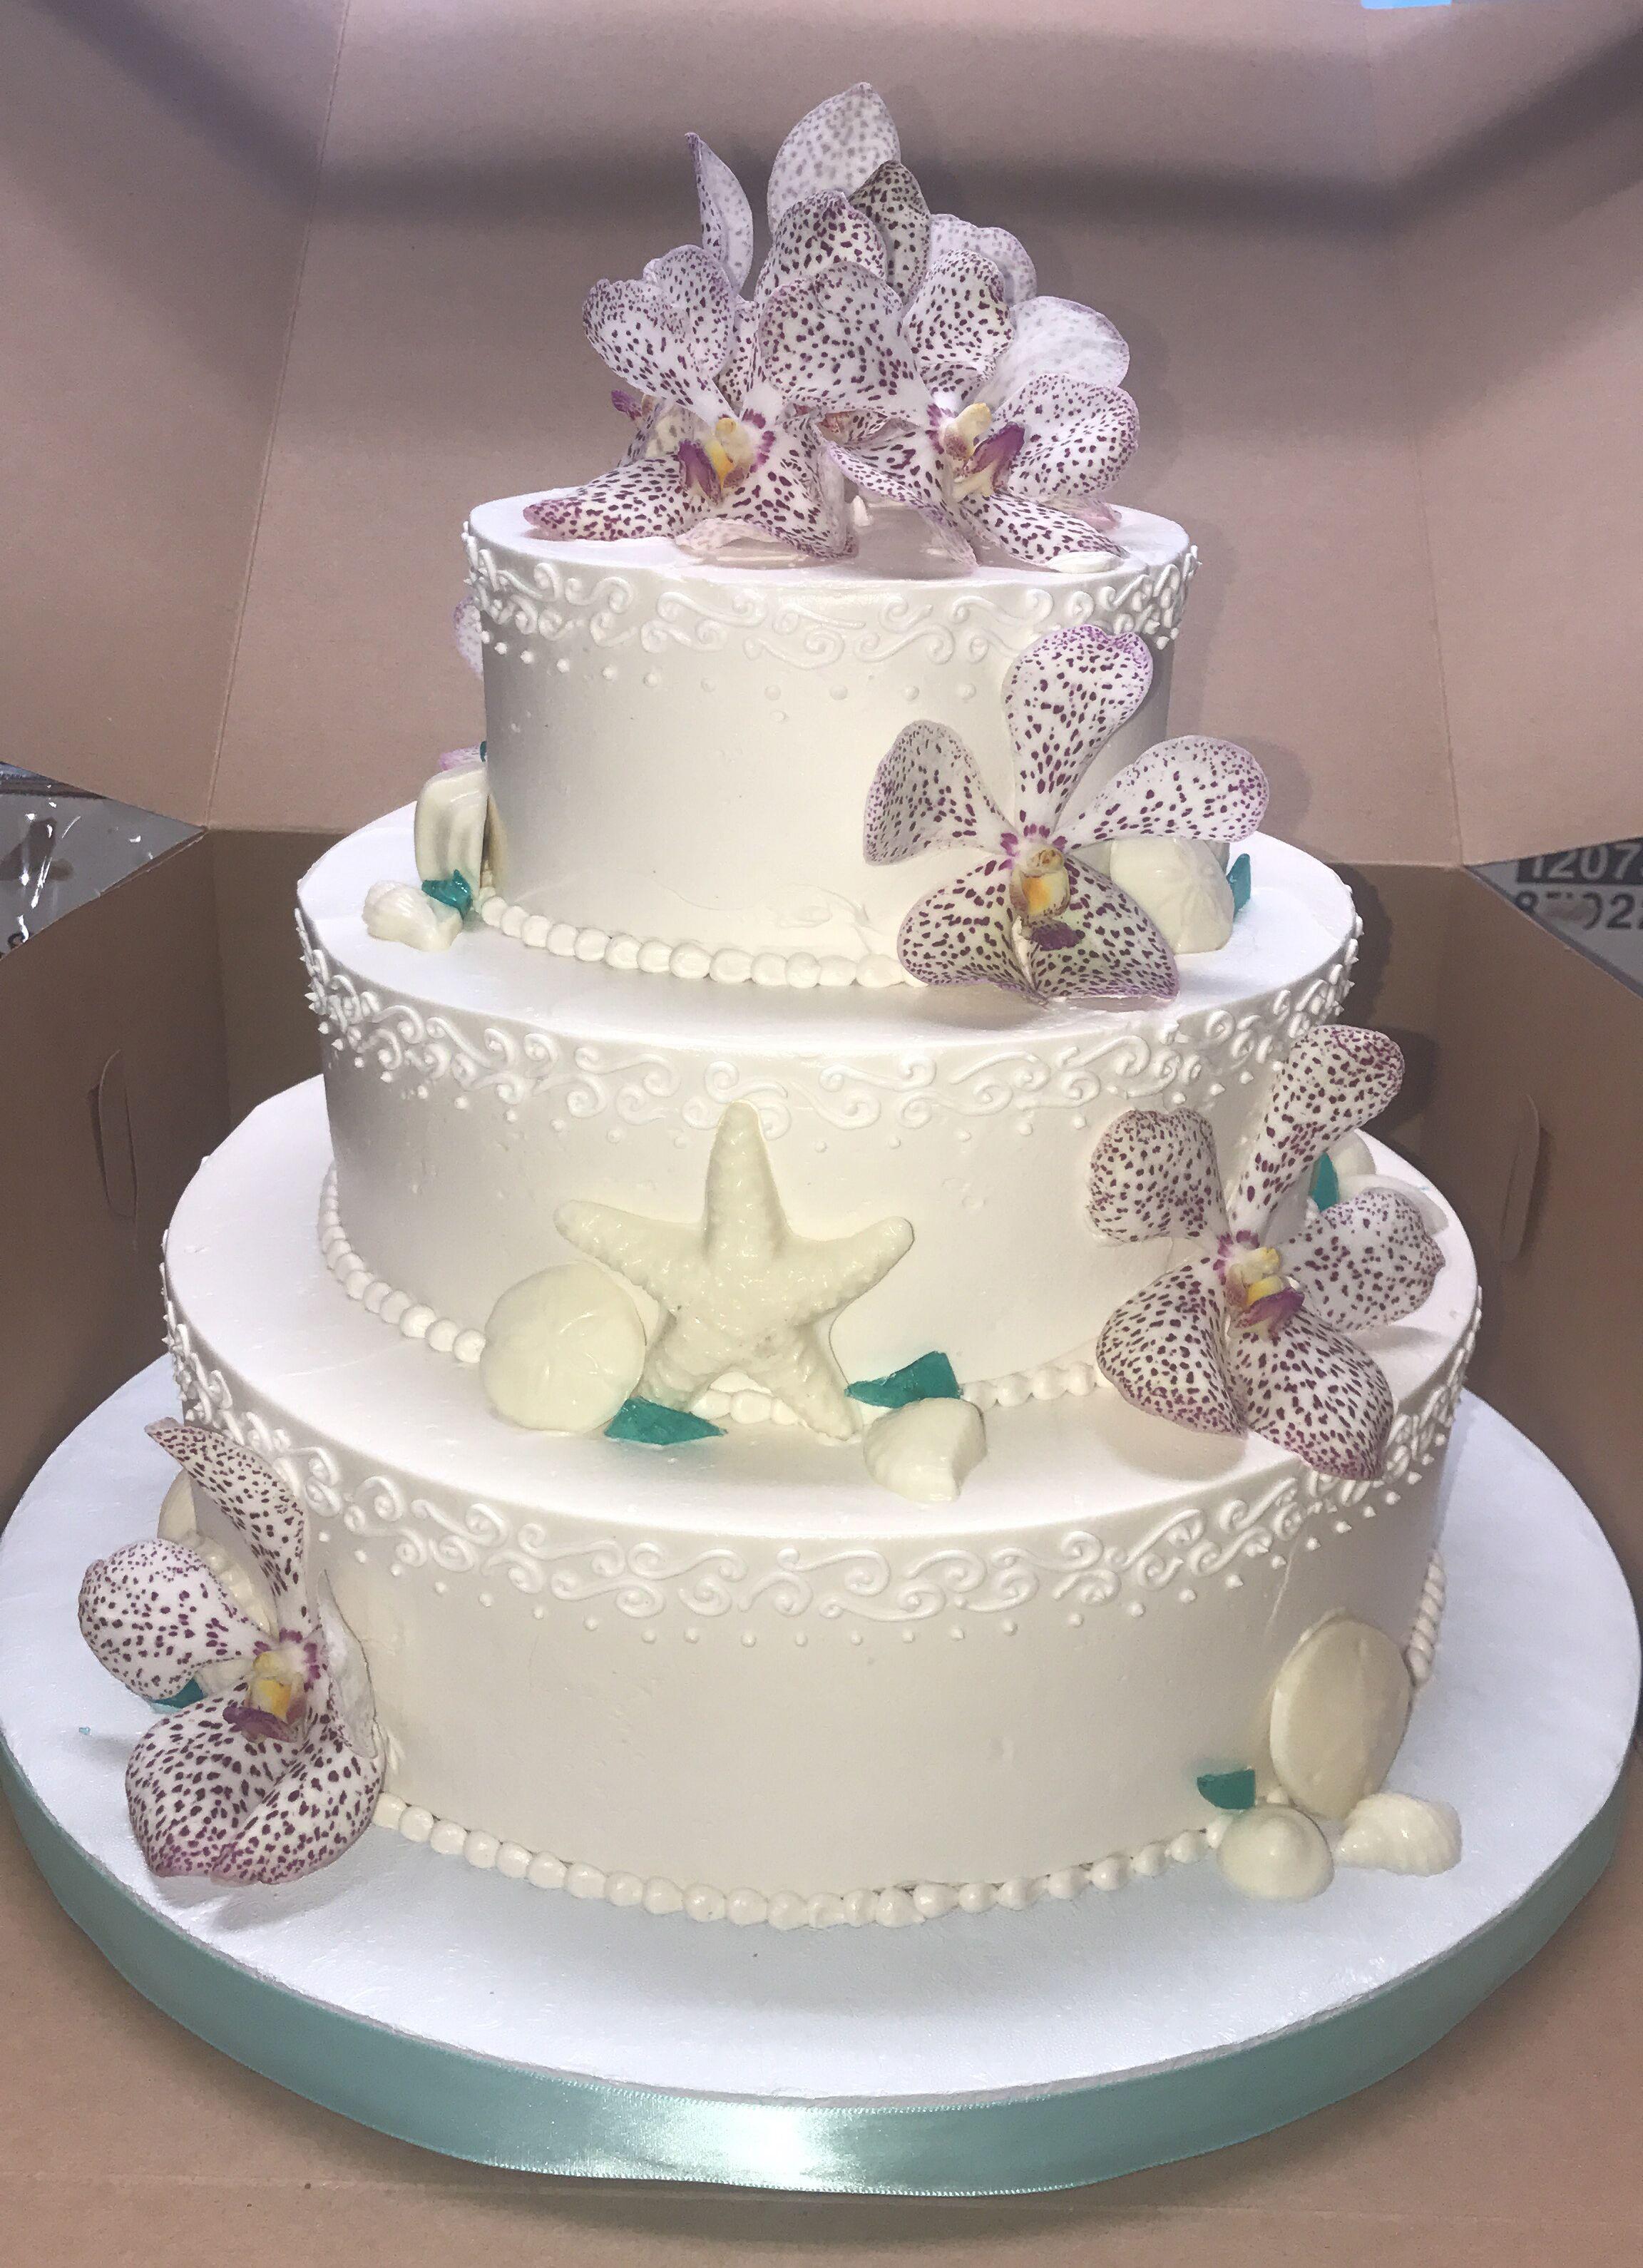 Maui Wedding Cakes - Kihei, HI